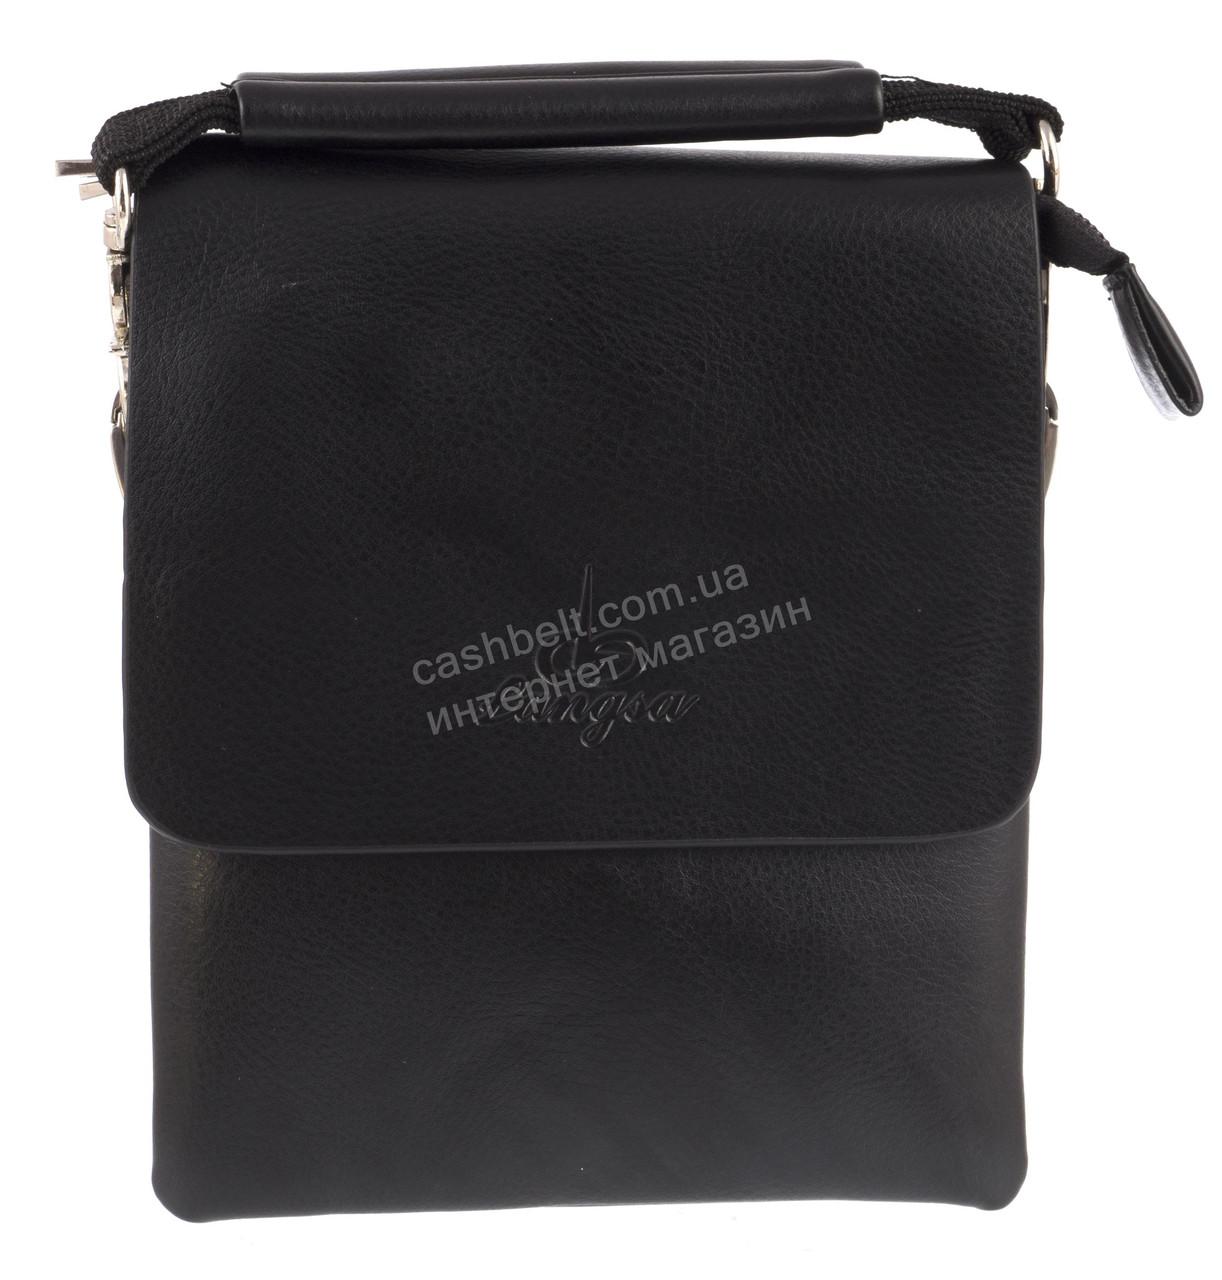 Удобная компактная черная прочная мужская сумка с качественной PU кожи LANGSA art. TP1394-1 черная